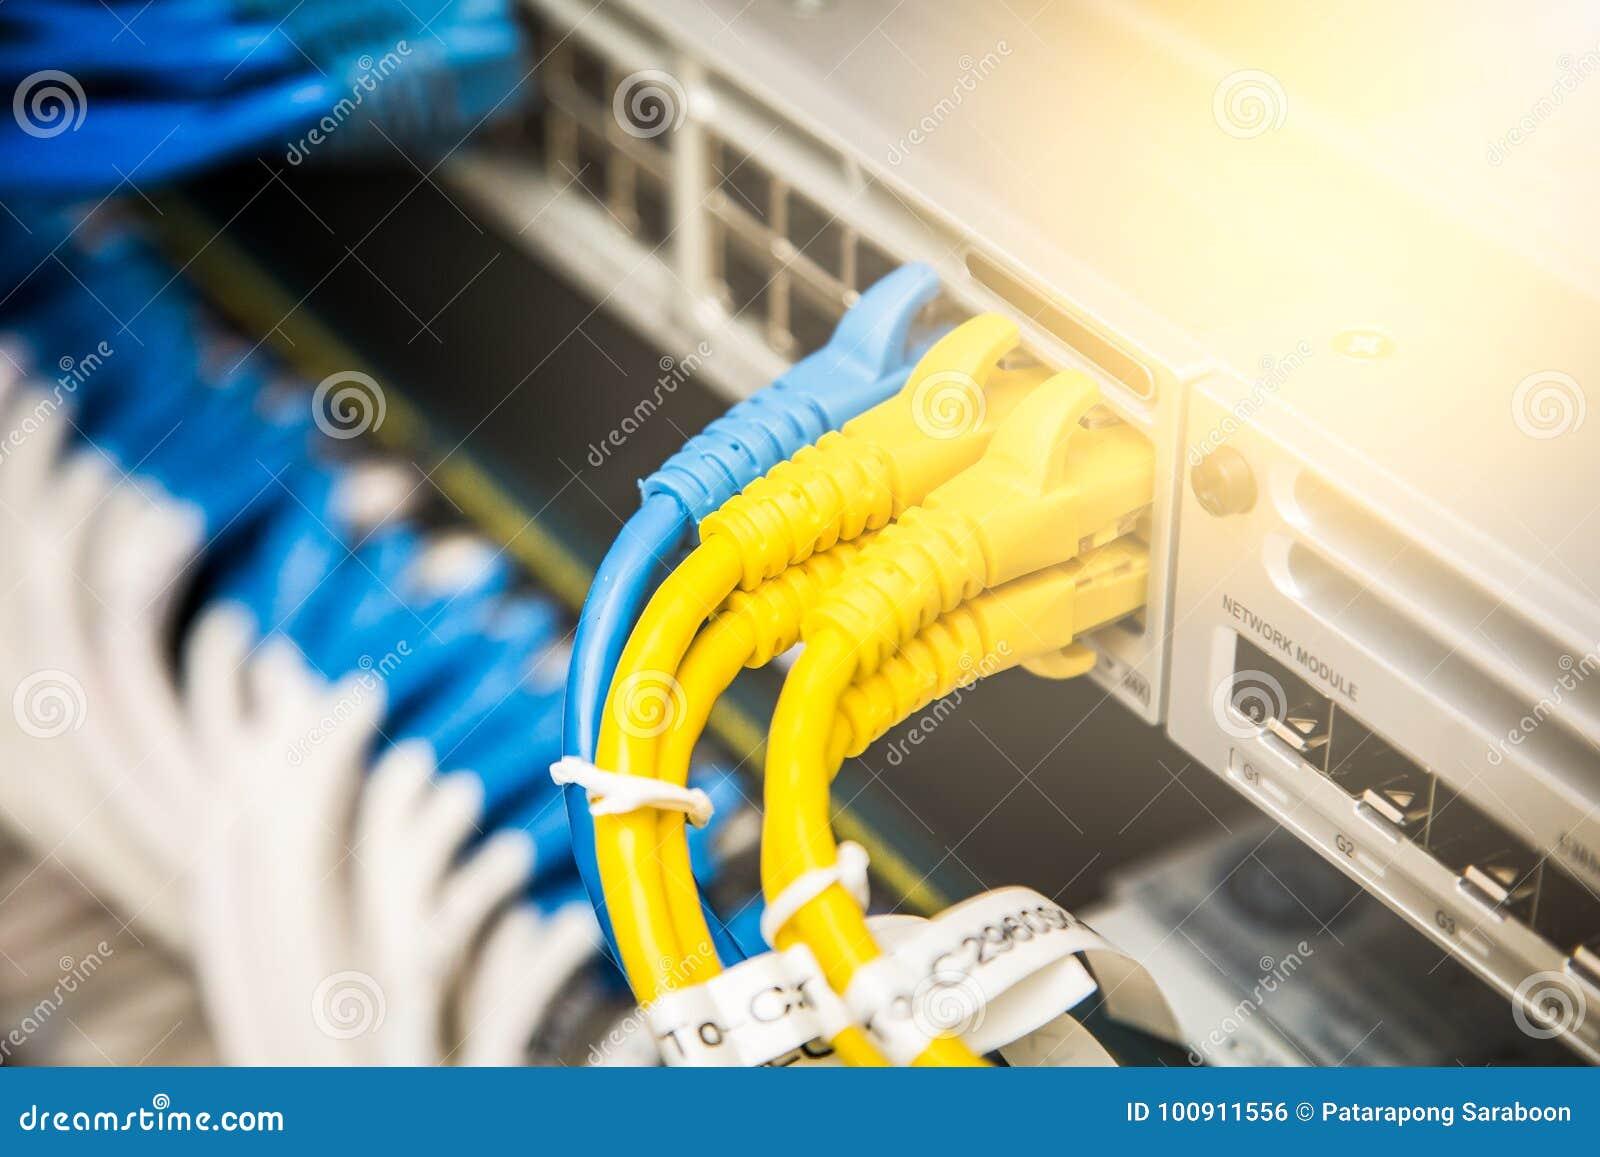 Verbonden de kabels van het netwerk